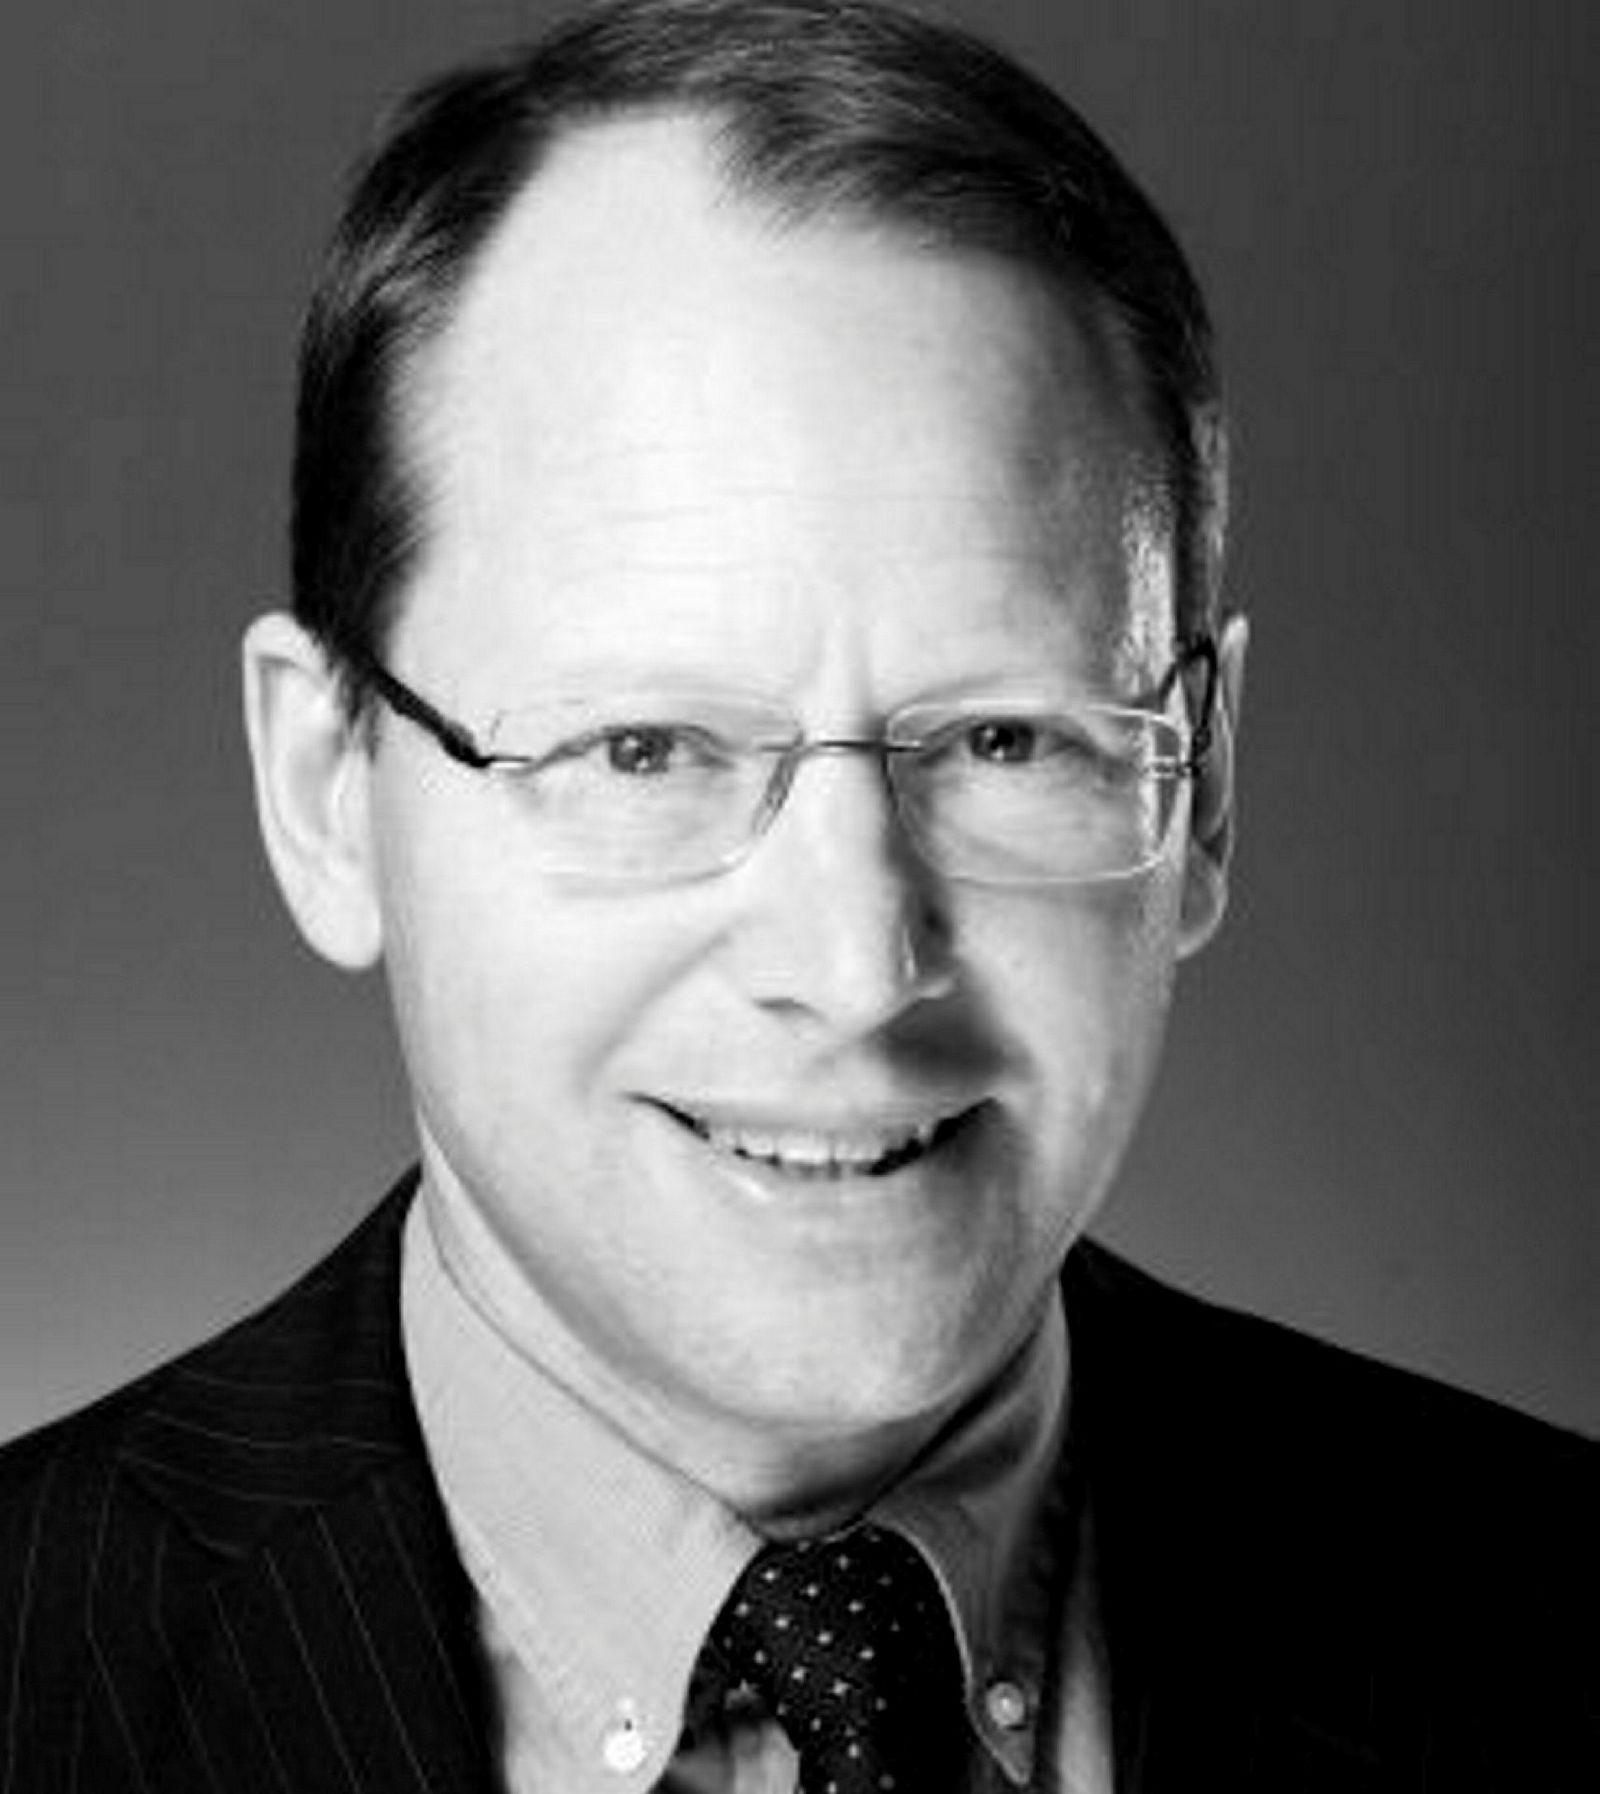 Knut Glad, som nå har kjøpt Vragviga utenfor Grimstad for 32 millioner kroner, er advokat og daglig leder for advikatfirmaet Føyen Torkildsen i Oslo.